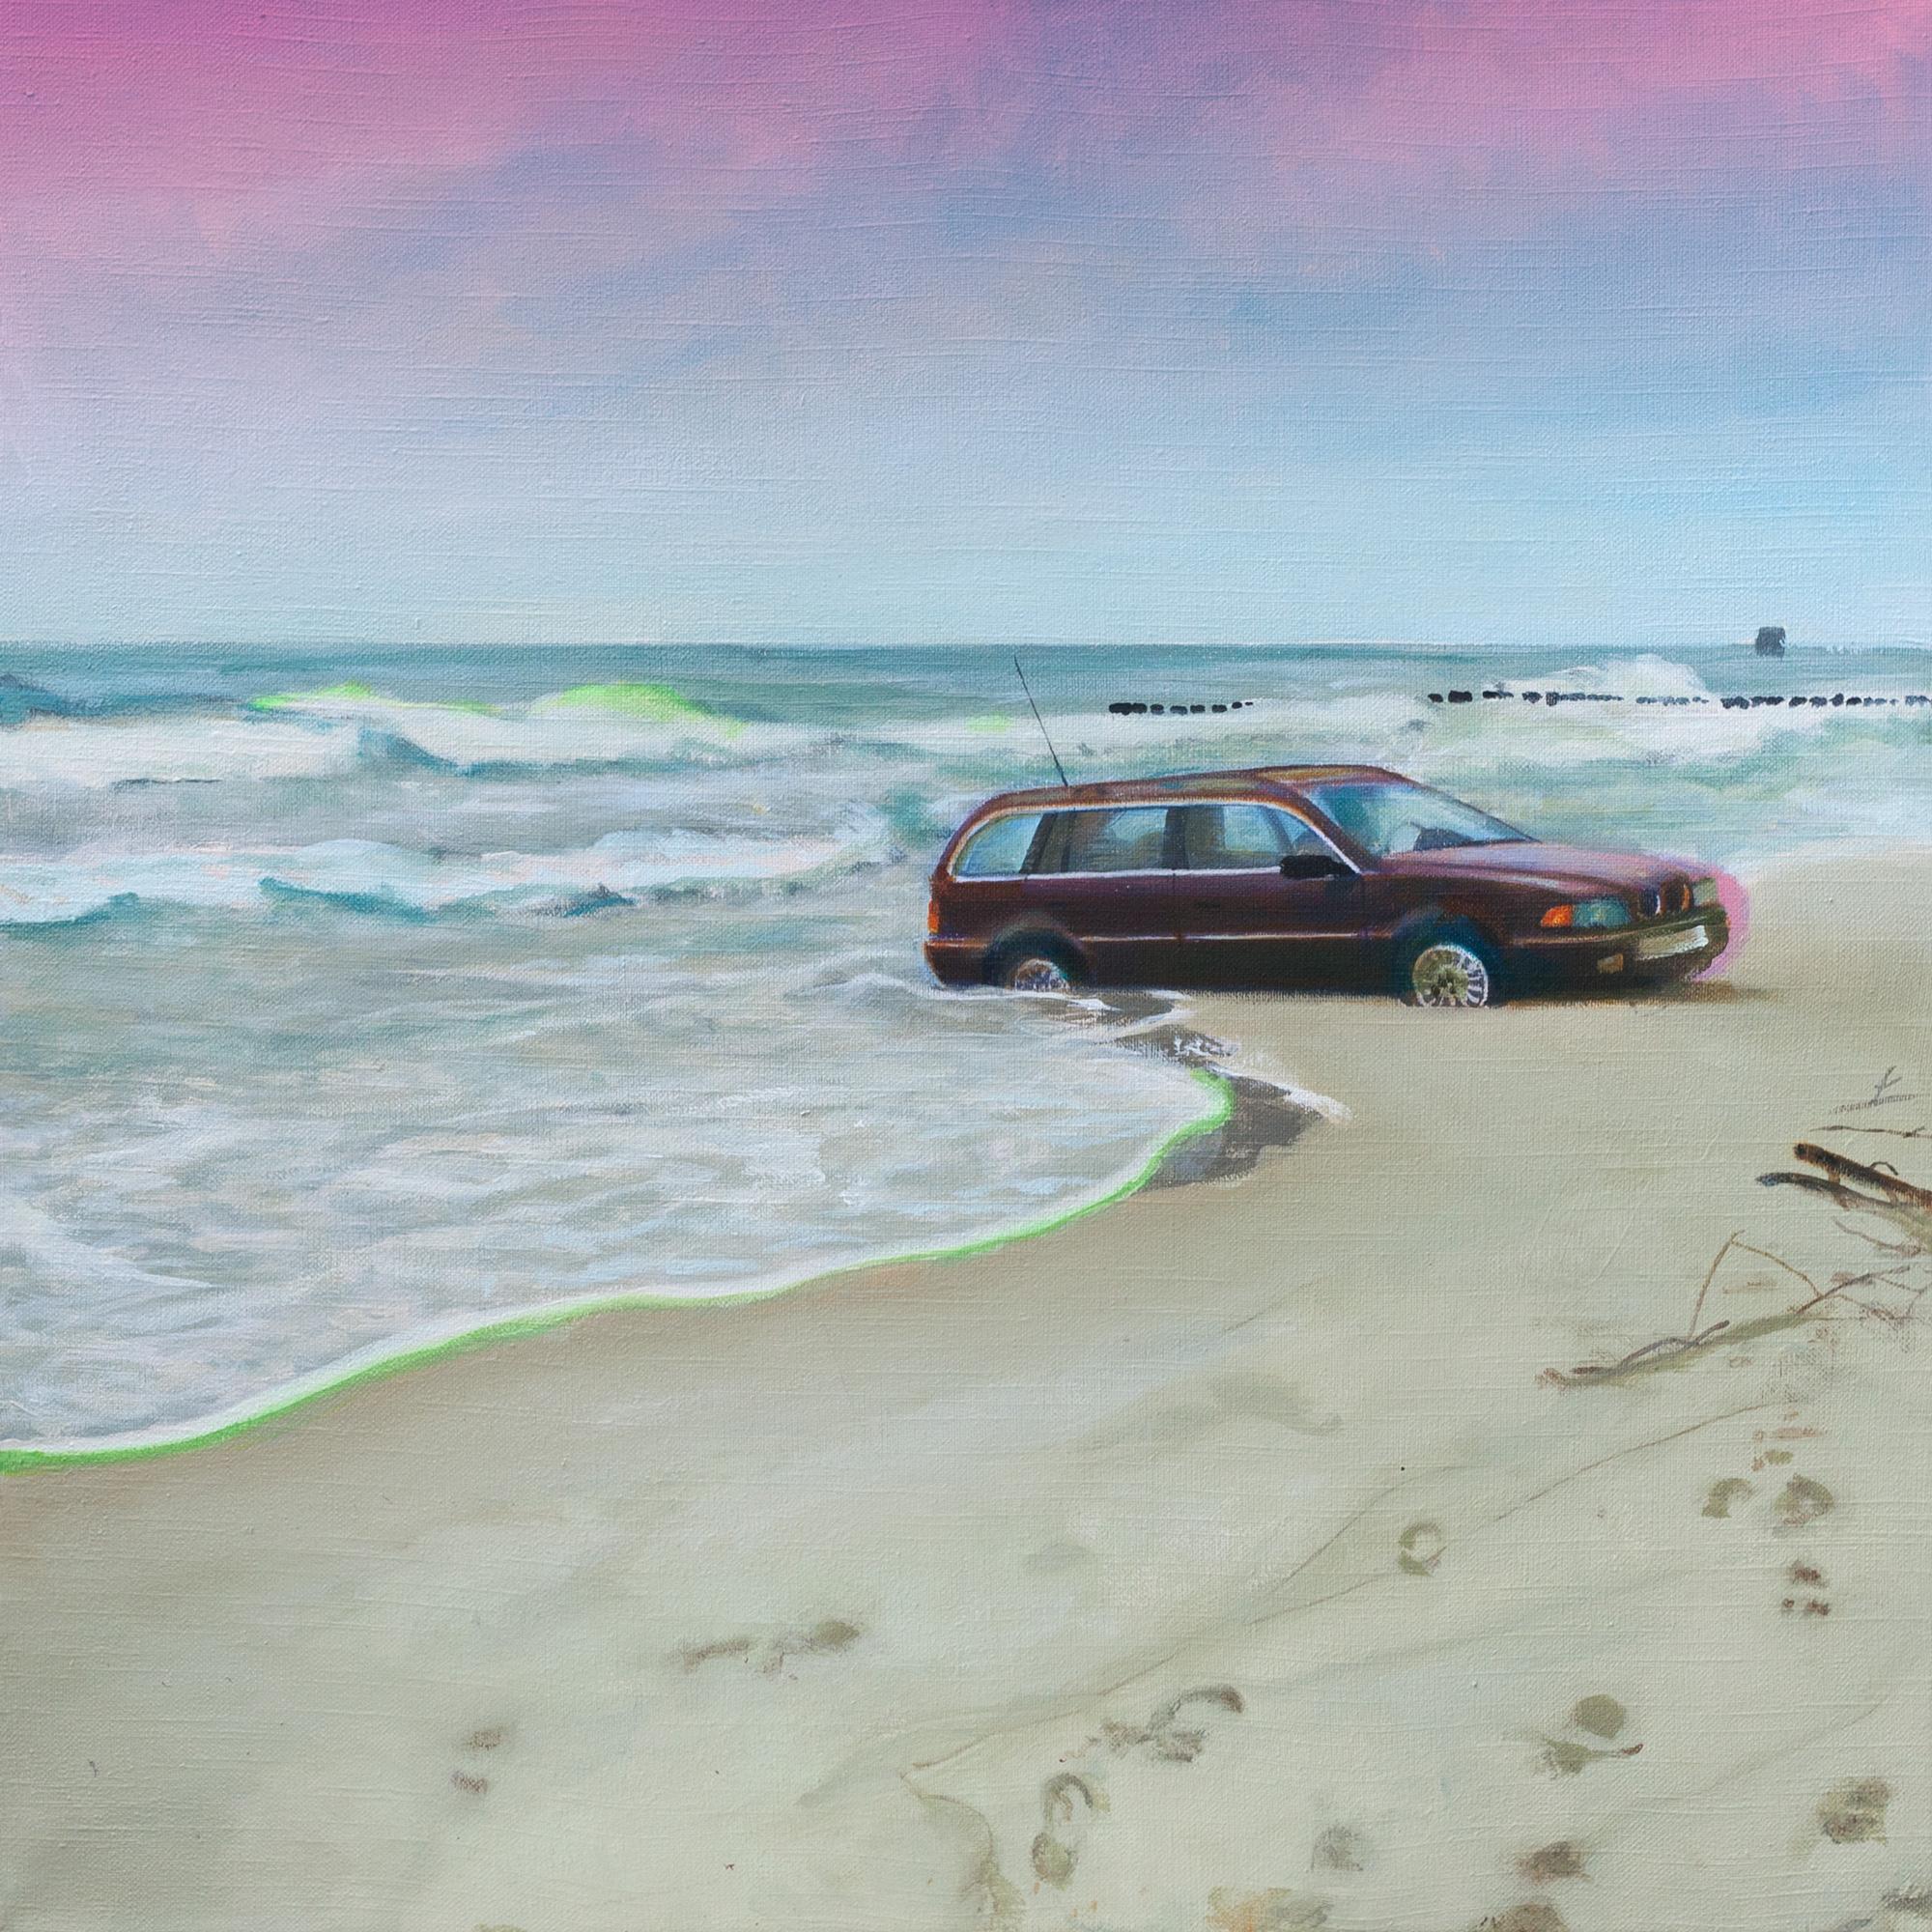 Obraz wykonany na plotnie przedstawia plaze z fal wyjezdza czerwone auto kombi a niebo jest niebiesko rozowe